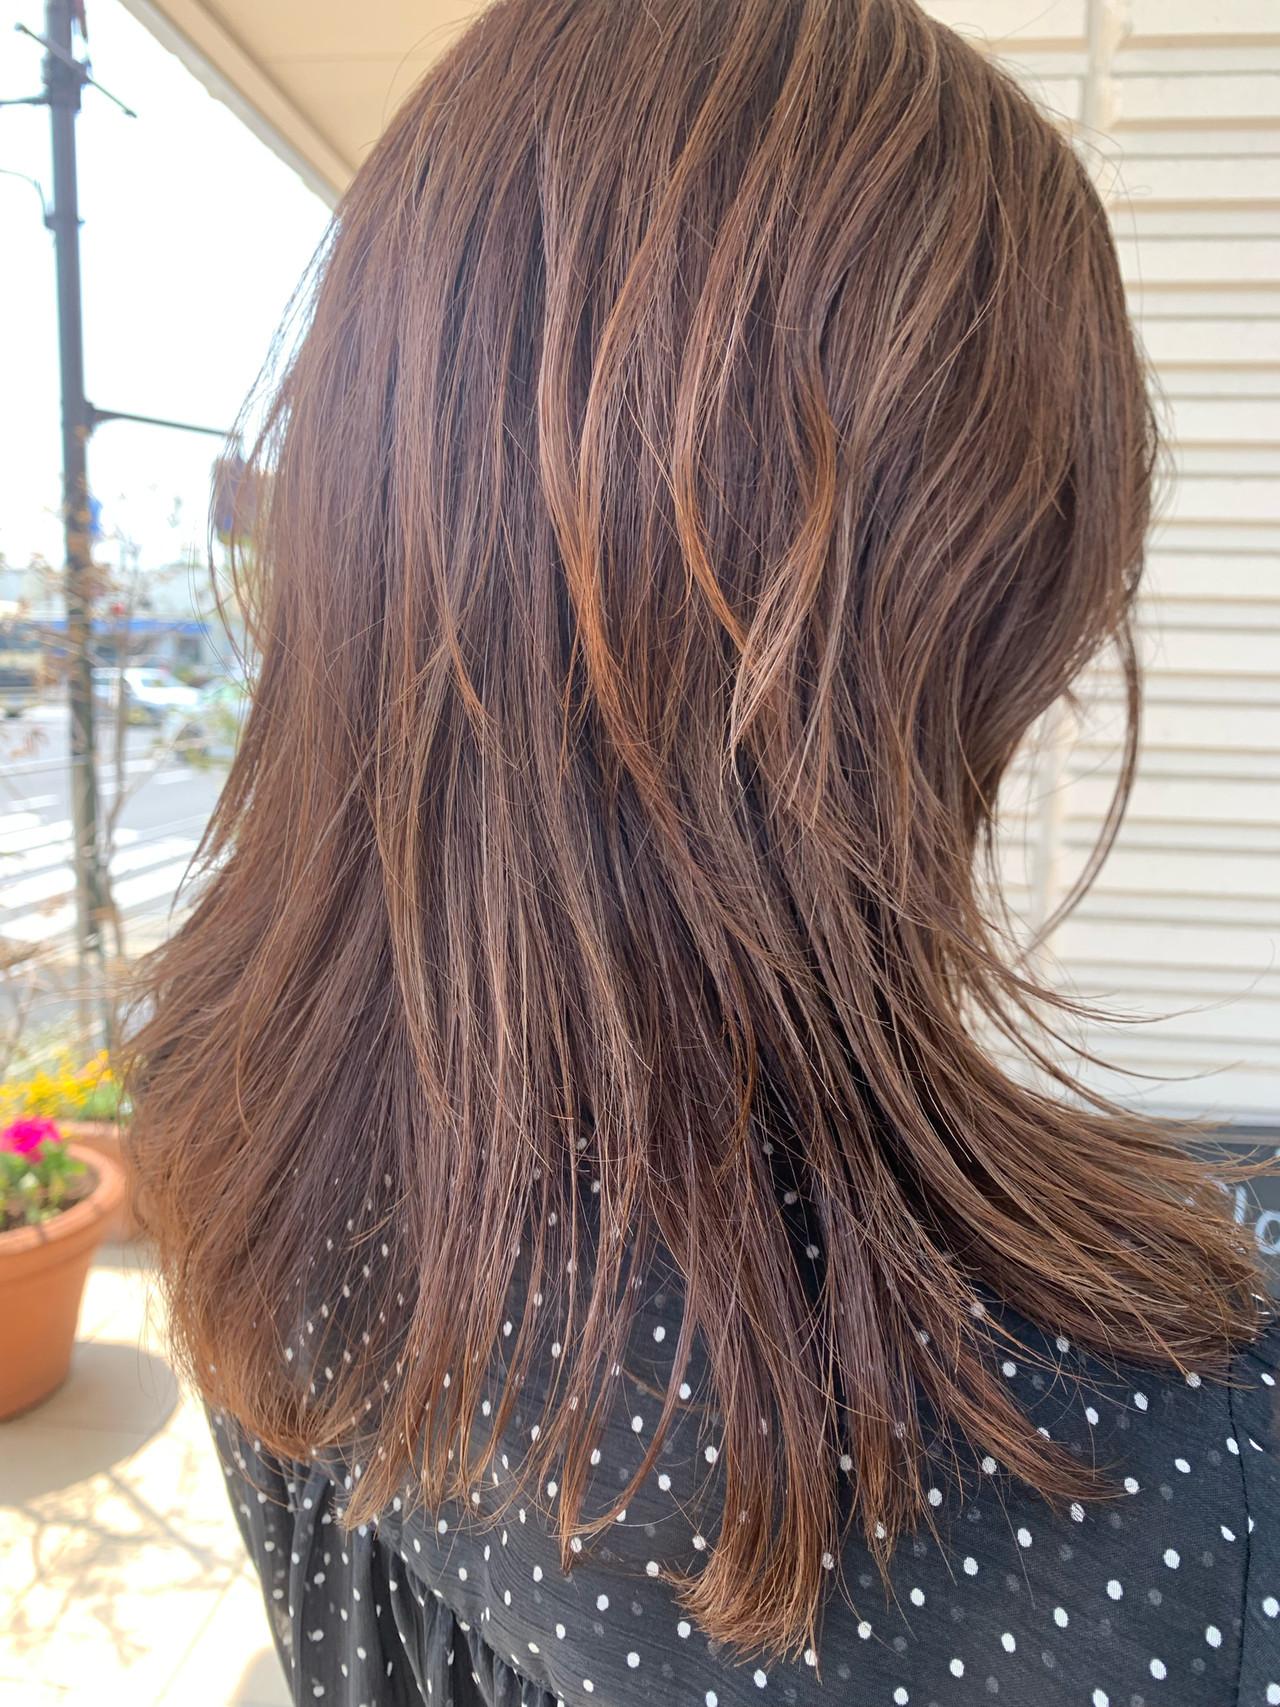 セミロング ウルフカット ハイライト 大人ハイライト ヘアスタイルや髪型の写真・画像